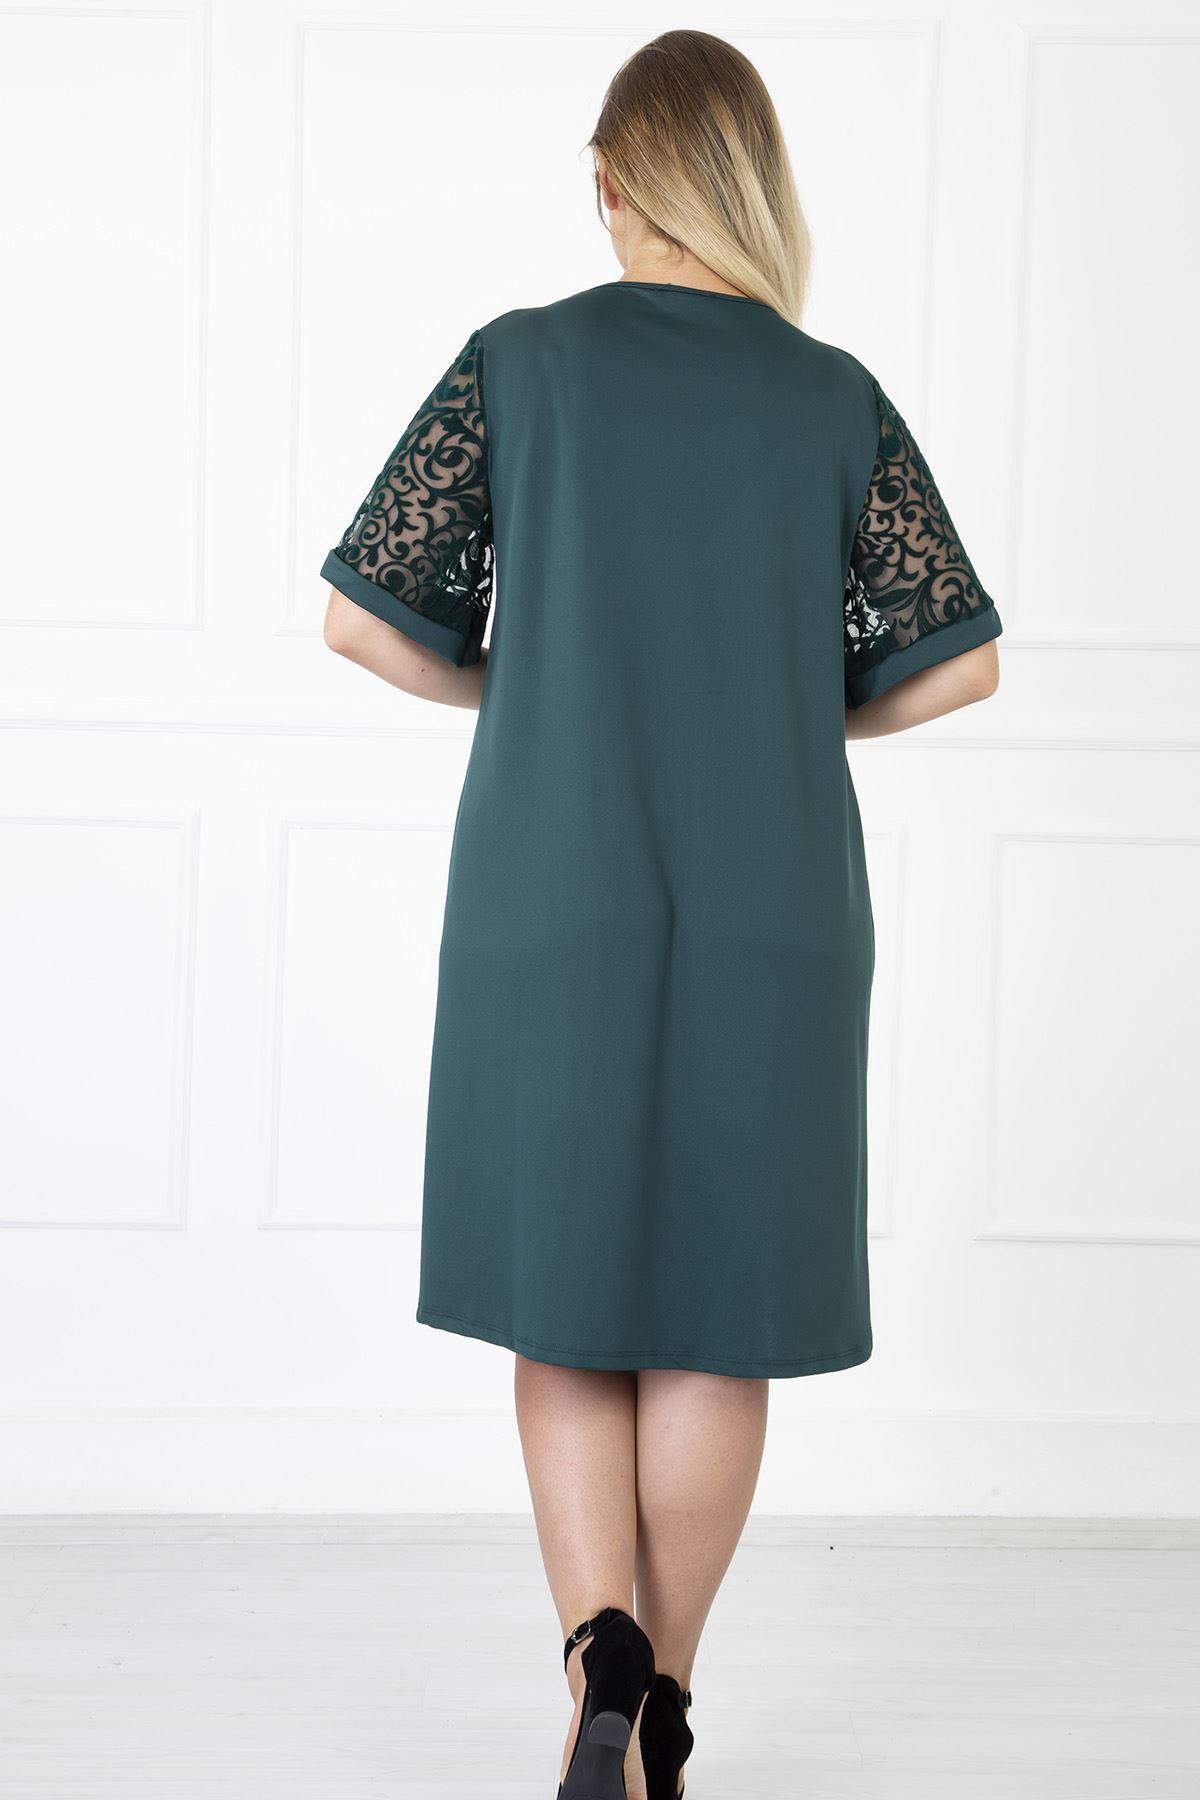 Kimono Kol Yeşil Büyük Beden Elbise 31B-1180